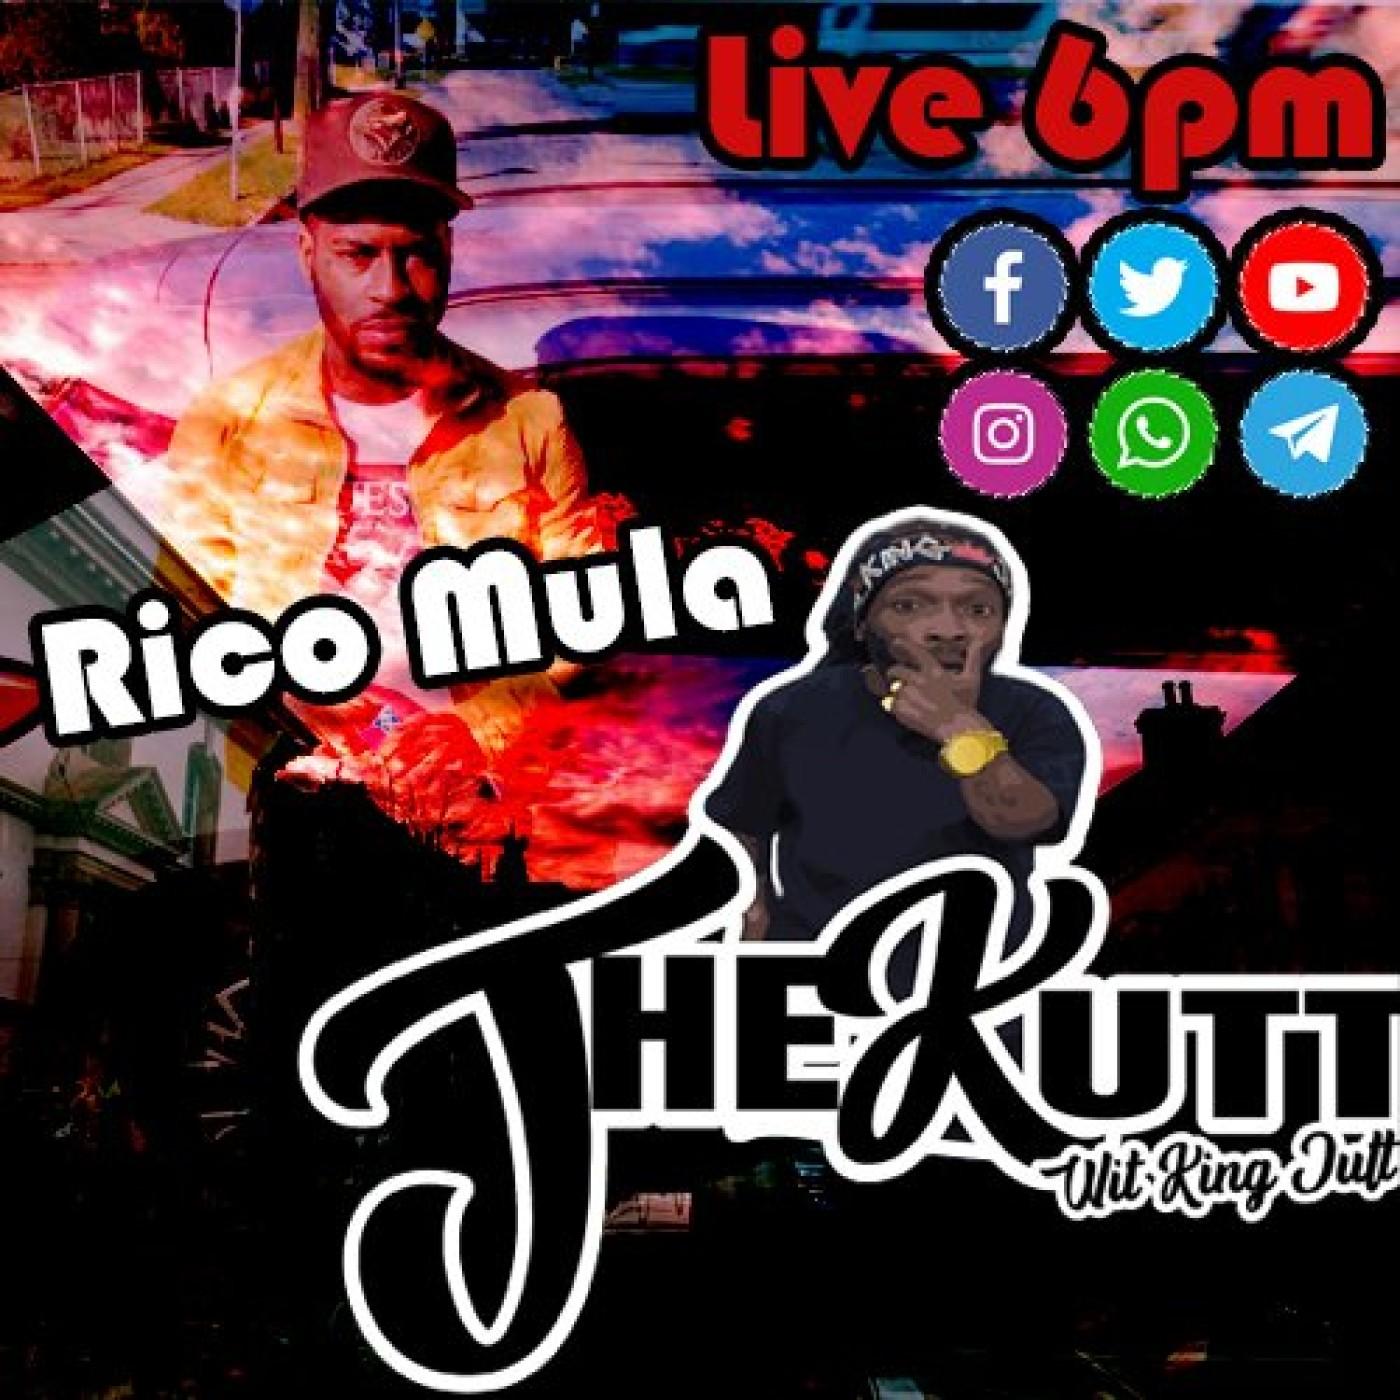 The Kutt Wit King Jutt Ep.20 - Rico Mula